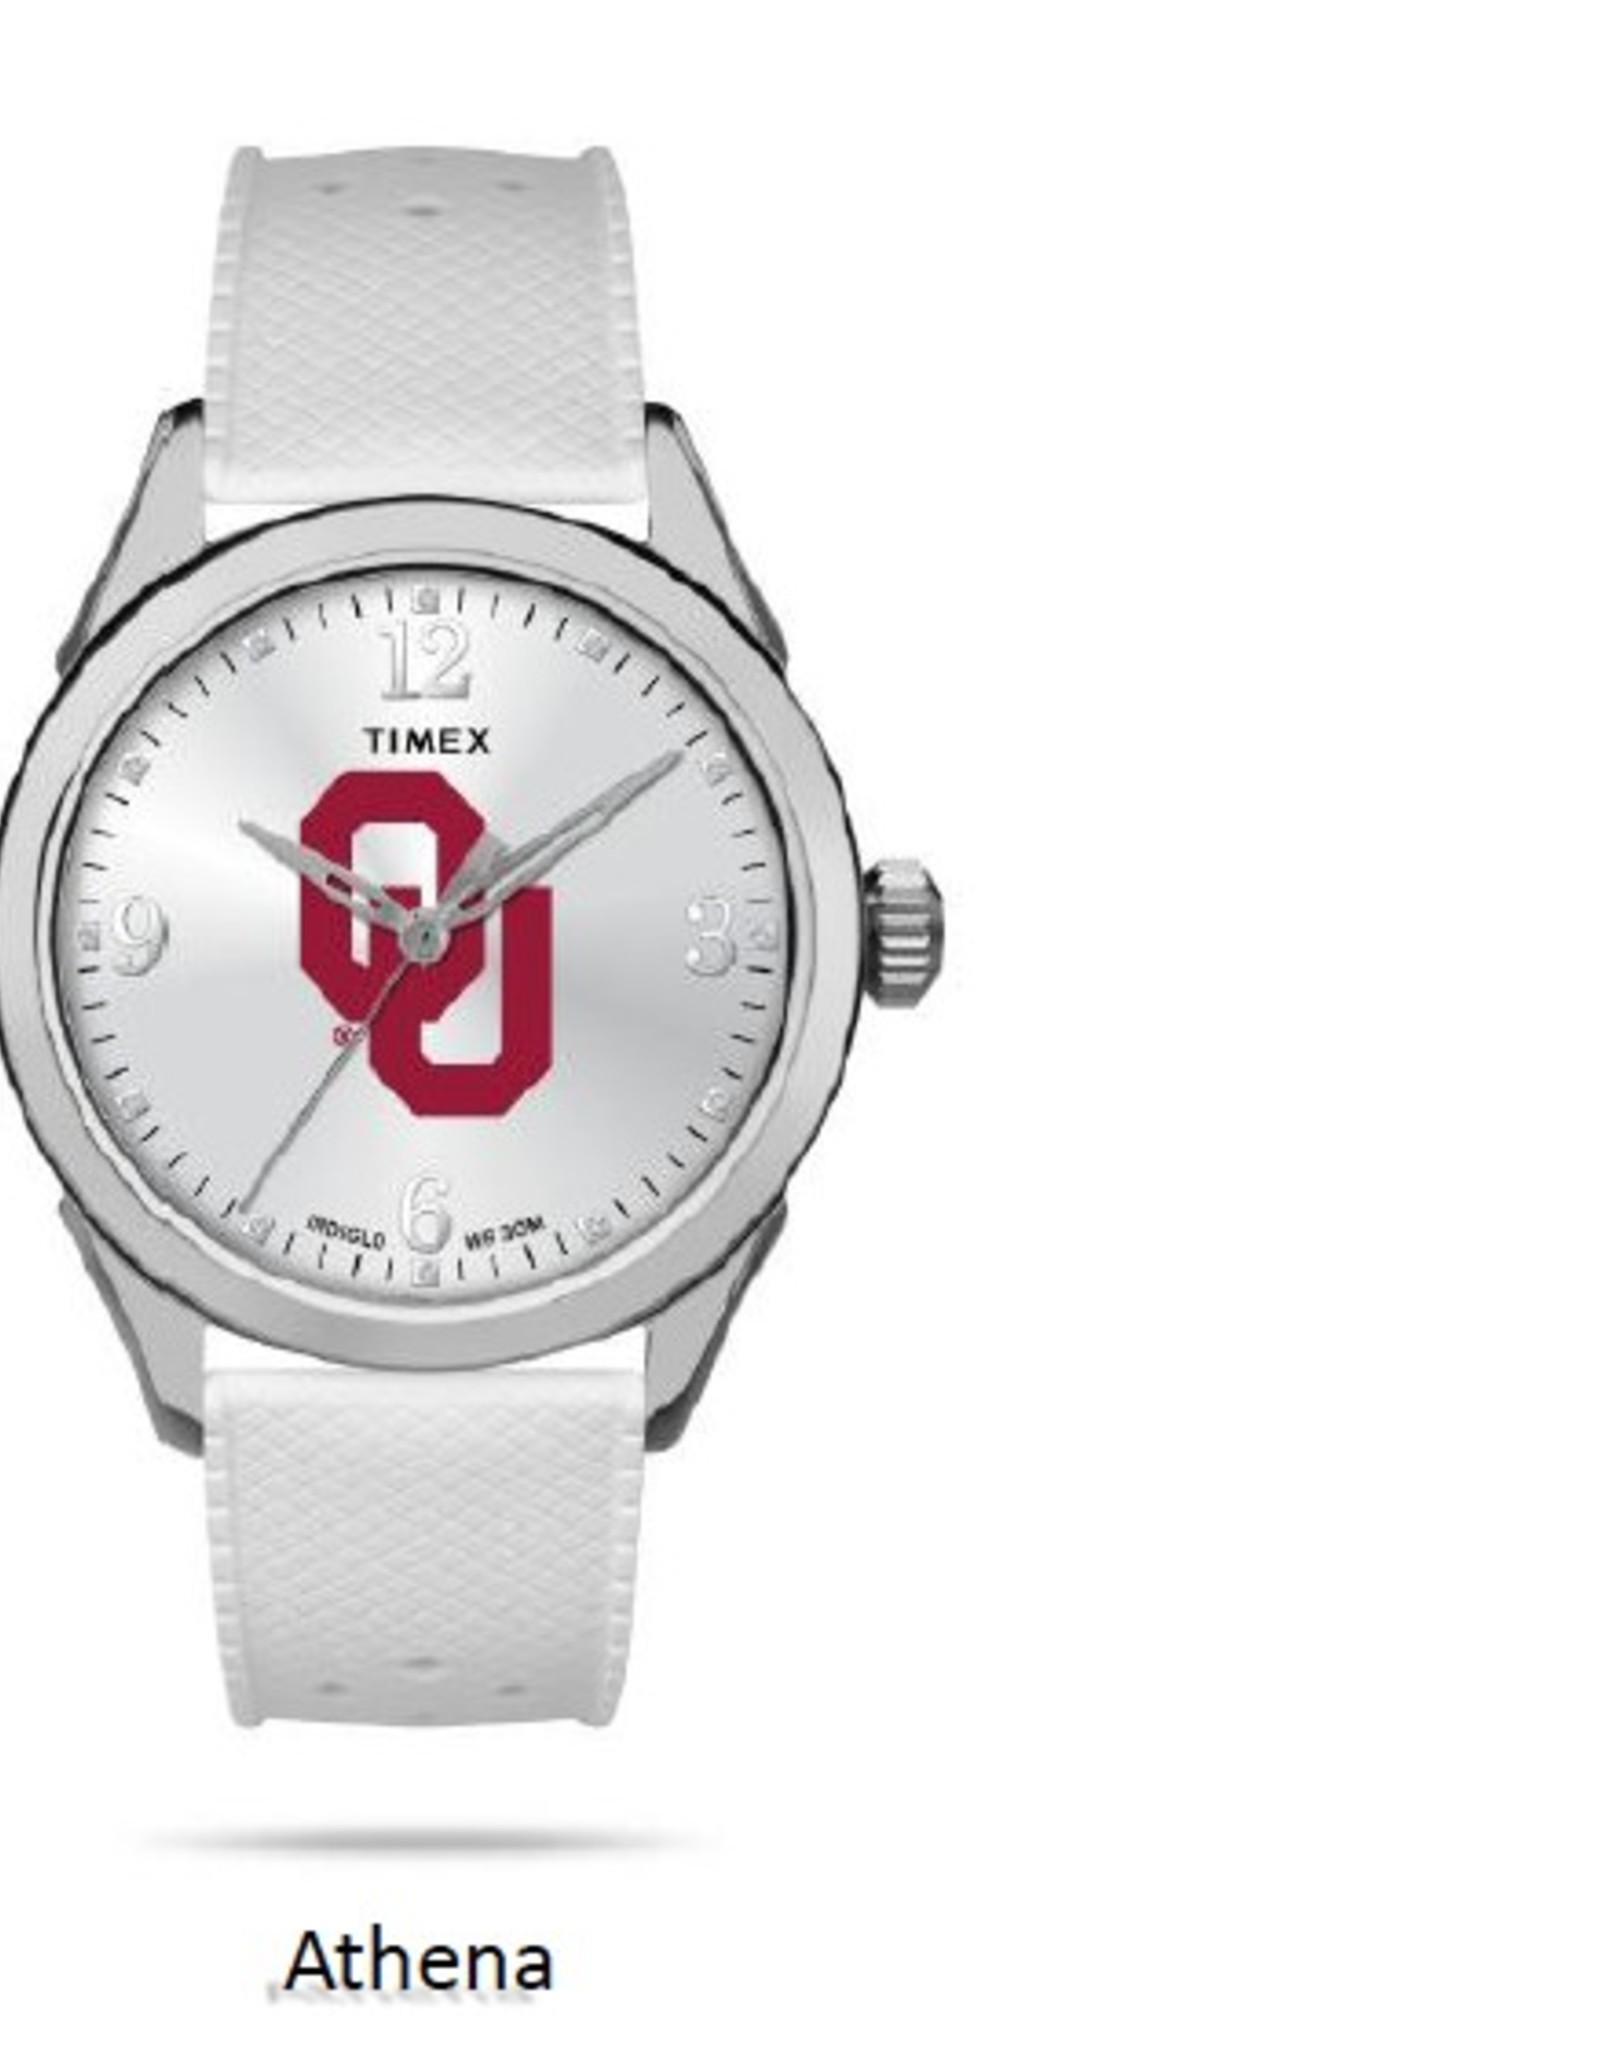 Timex OU Timex Athena Women's Watch